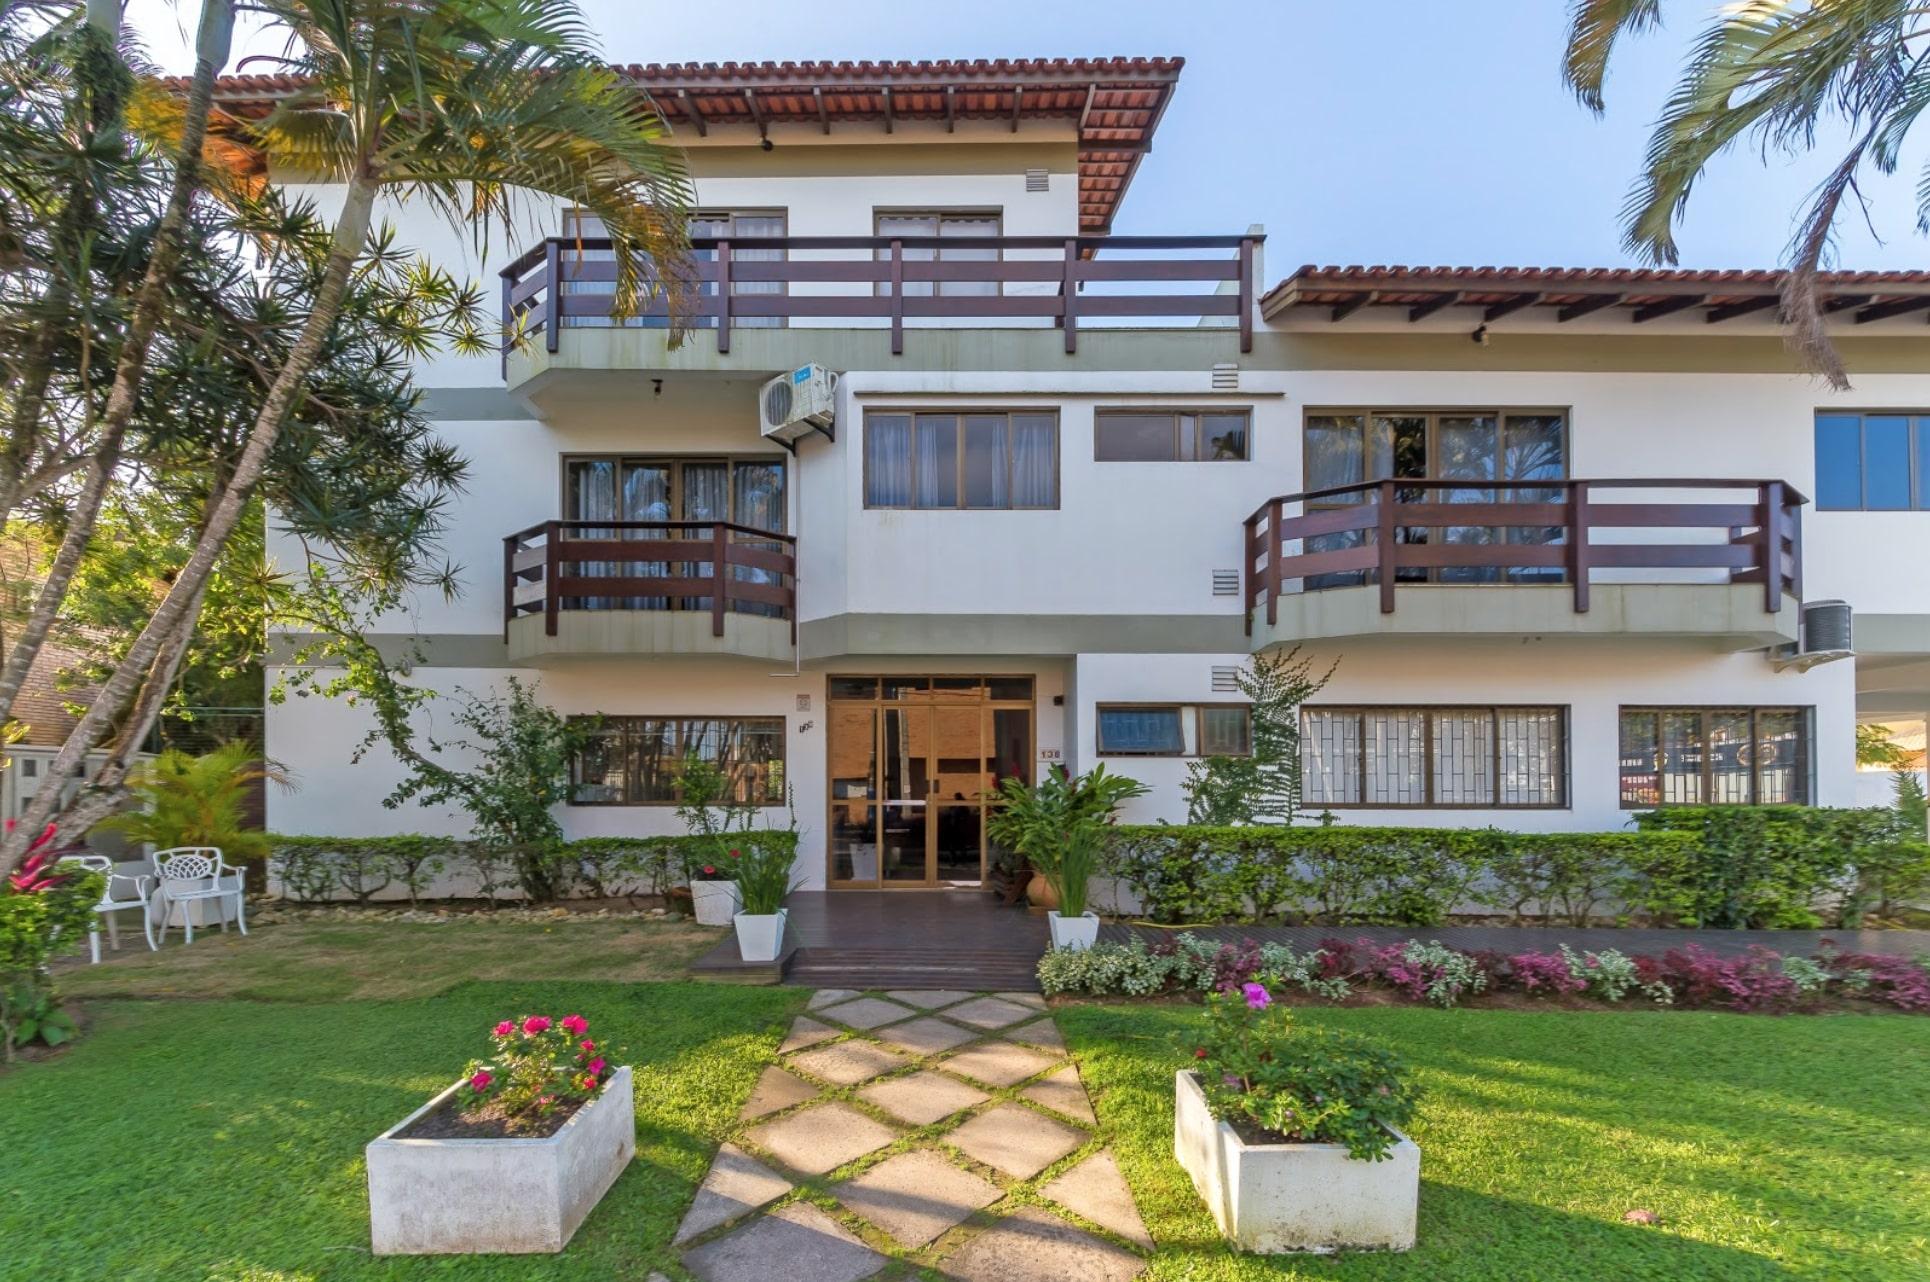 Imagem destaque case de sucesso casas e apartamentos Seazone